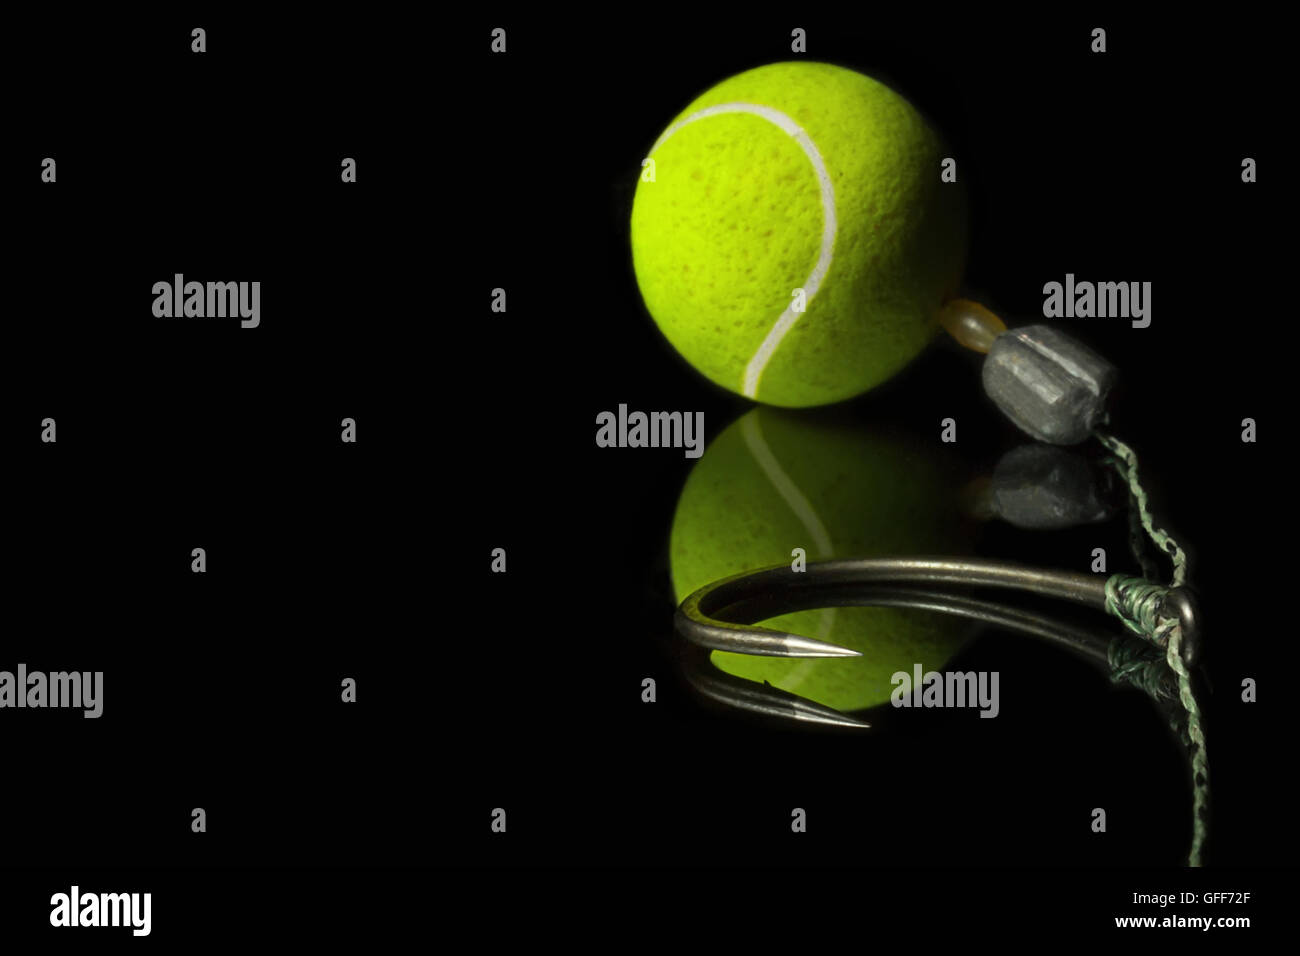 tennis hook up